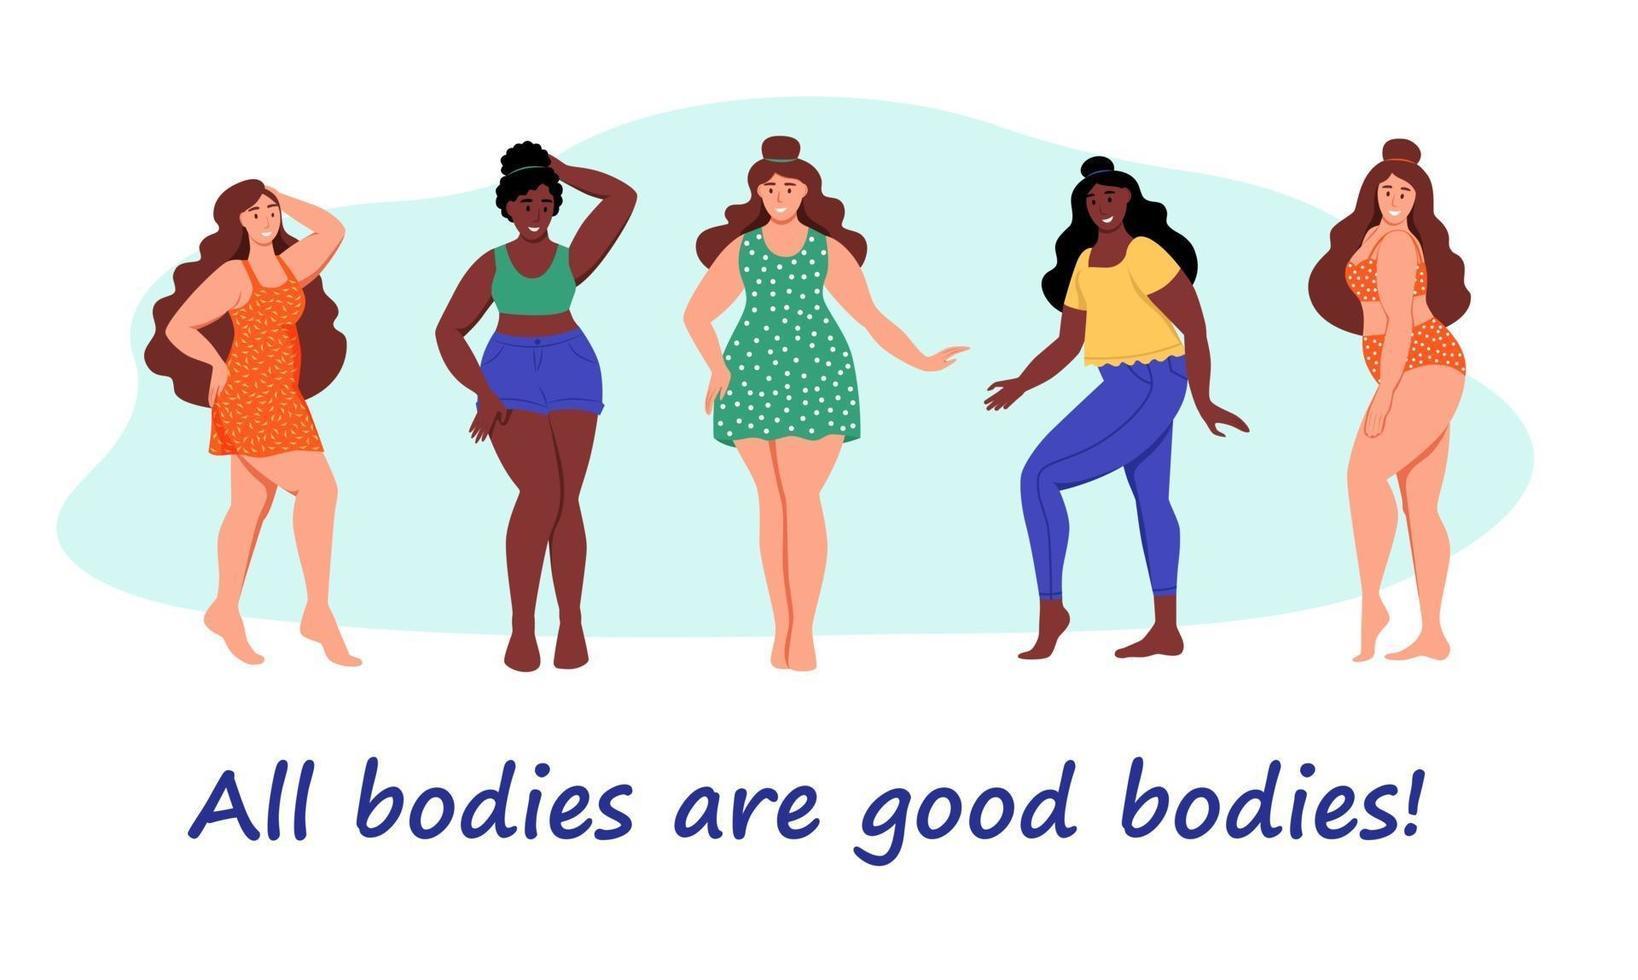 insieme di donne formose. più ragazze di taglia. il concetto di positività del corpo, amor proprio. amo il tuo corpo. illustrazione vettoriale di cartone animato piatto.